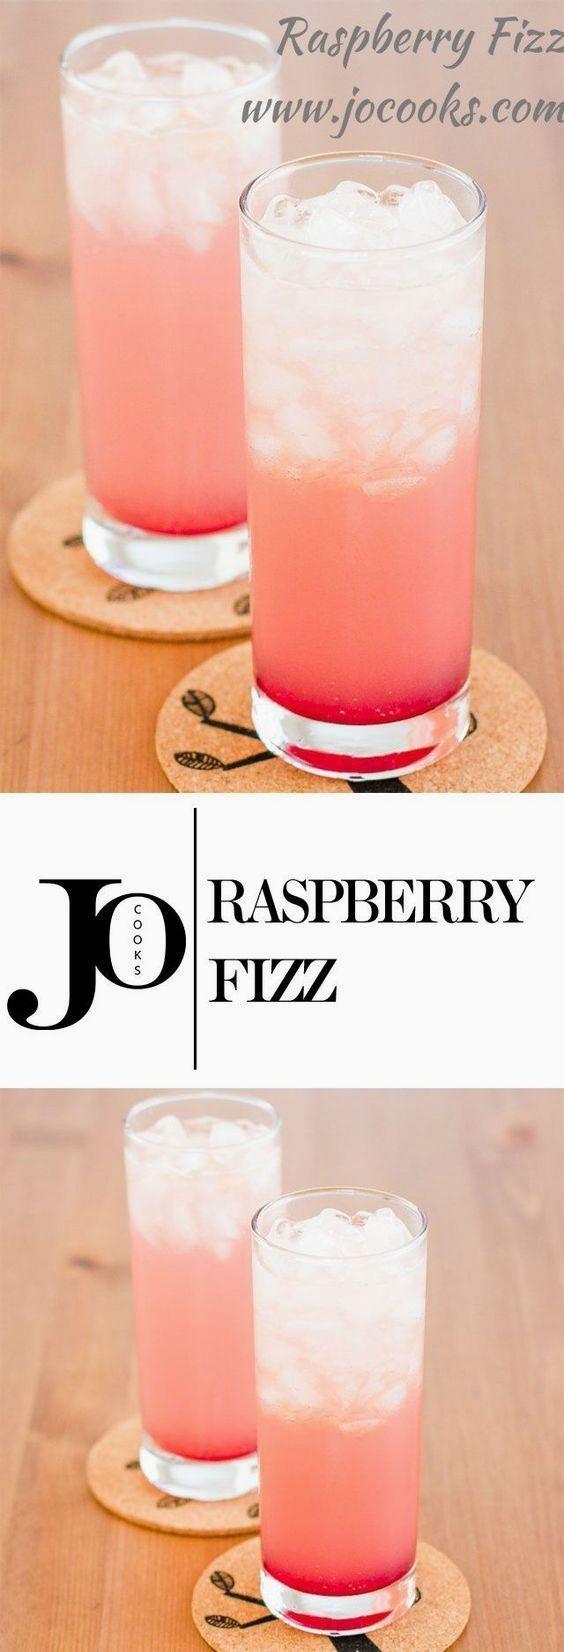 Die besten einfachen alkoholfreien Getränke Rezepte Kreative Mocktails und Familienfreund …